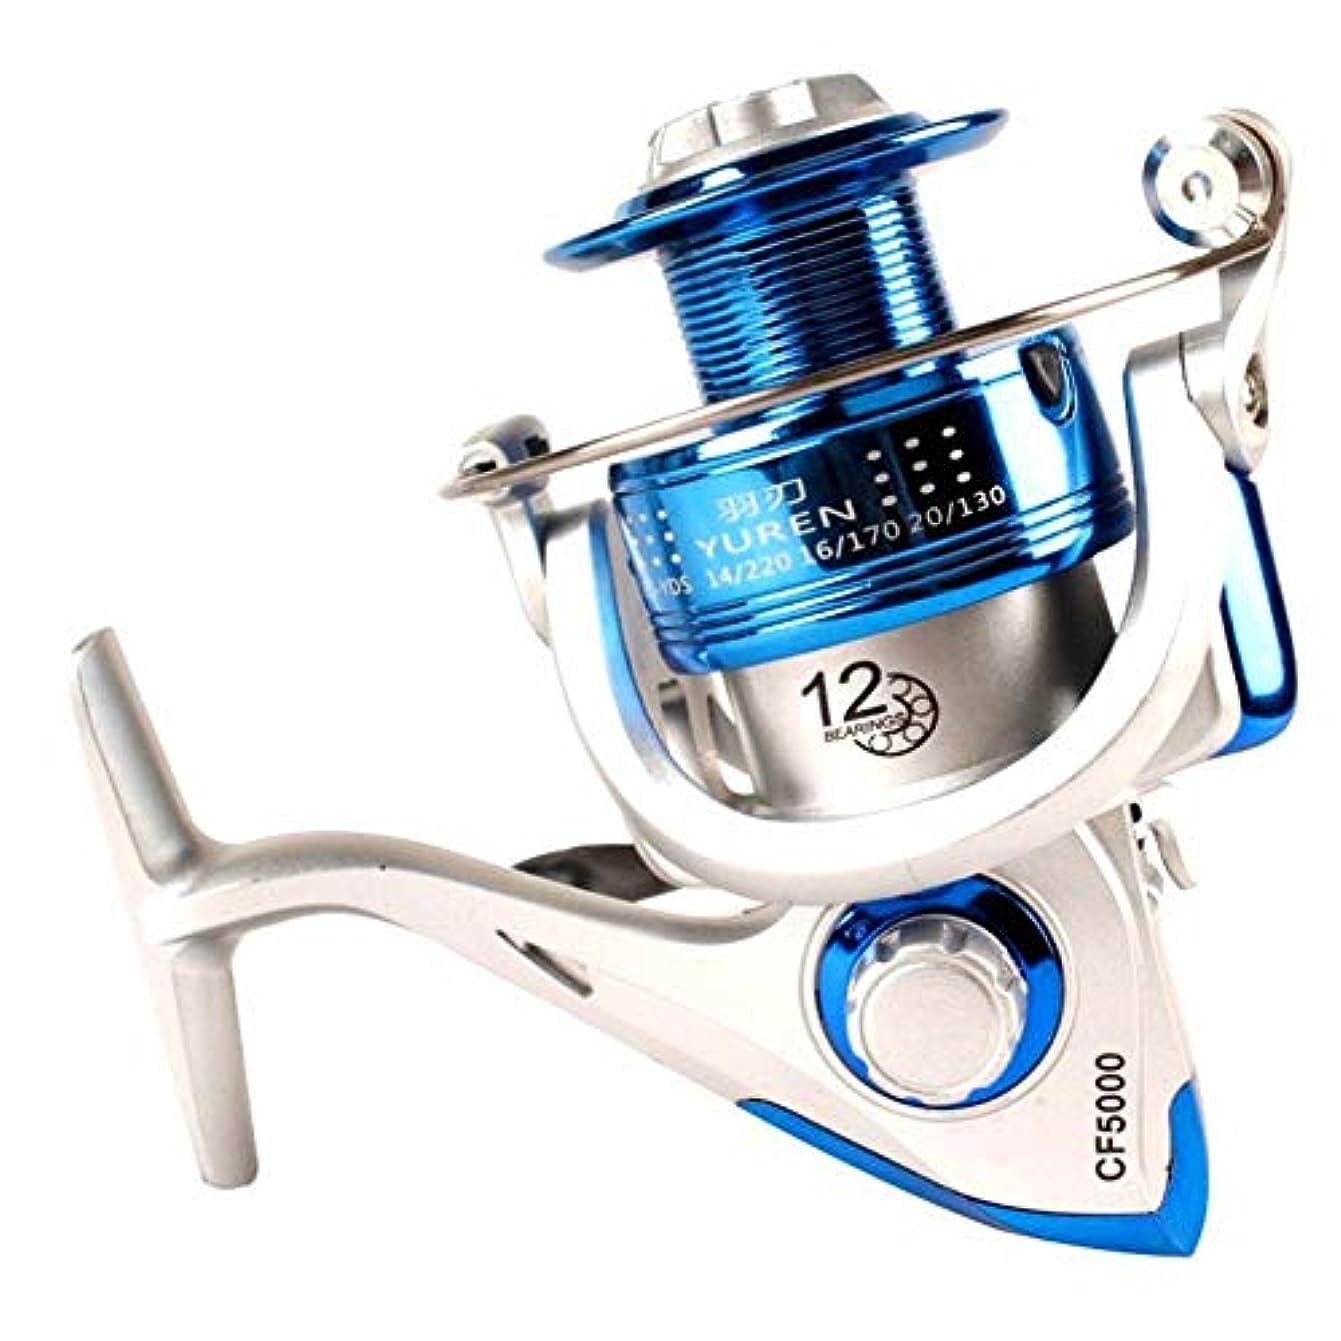 支出暴動貪欲スピニングリール フルメタルボディドラッグワッシャー付きフィッシングリール 軽量リール 海釣り 淡水釣り (Color : Blue, Size : 2000)